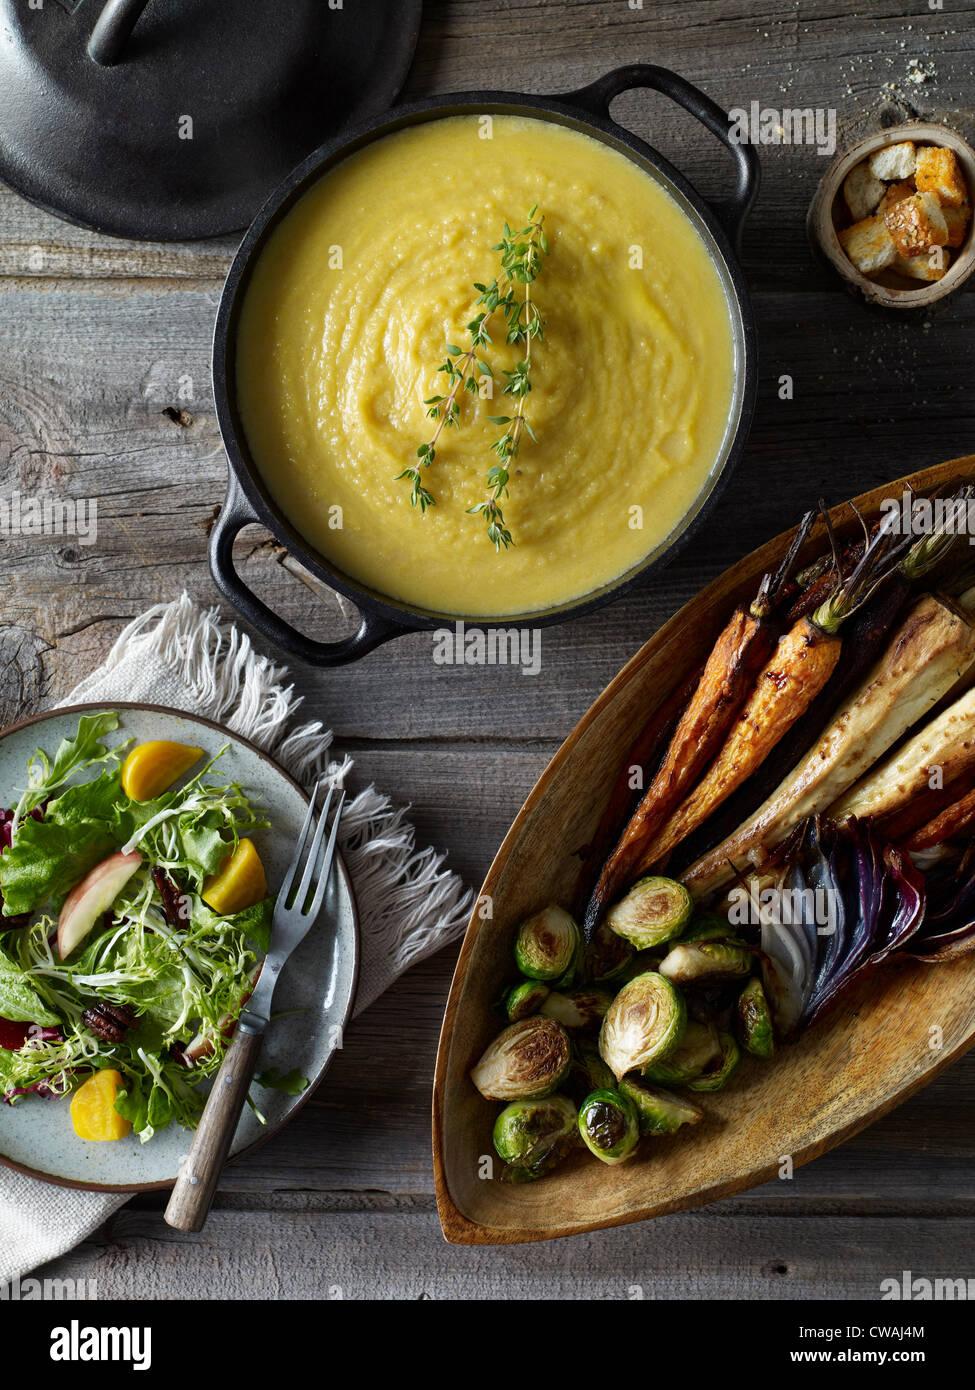 Se sirve sopa de calabaza con verduras, ángulo alto Imagen De Stock